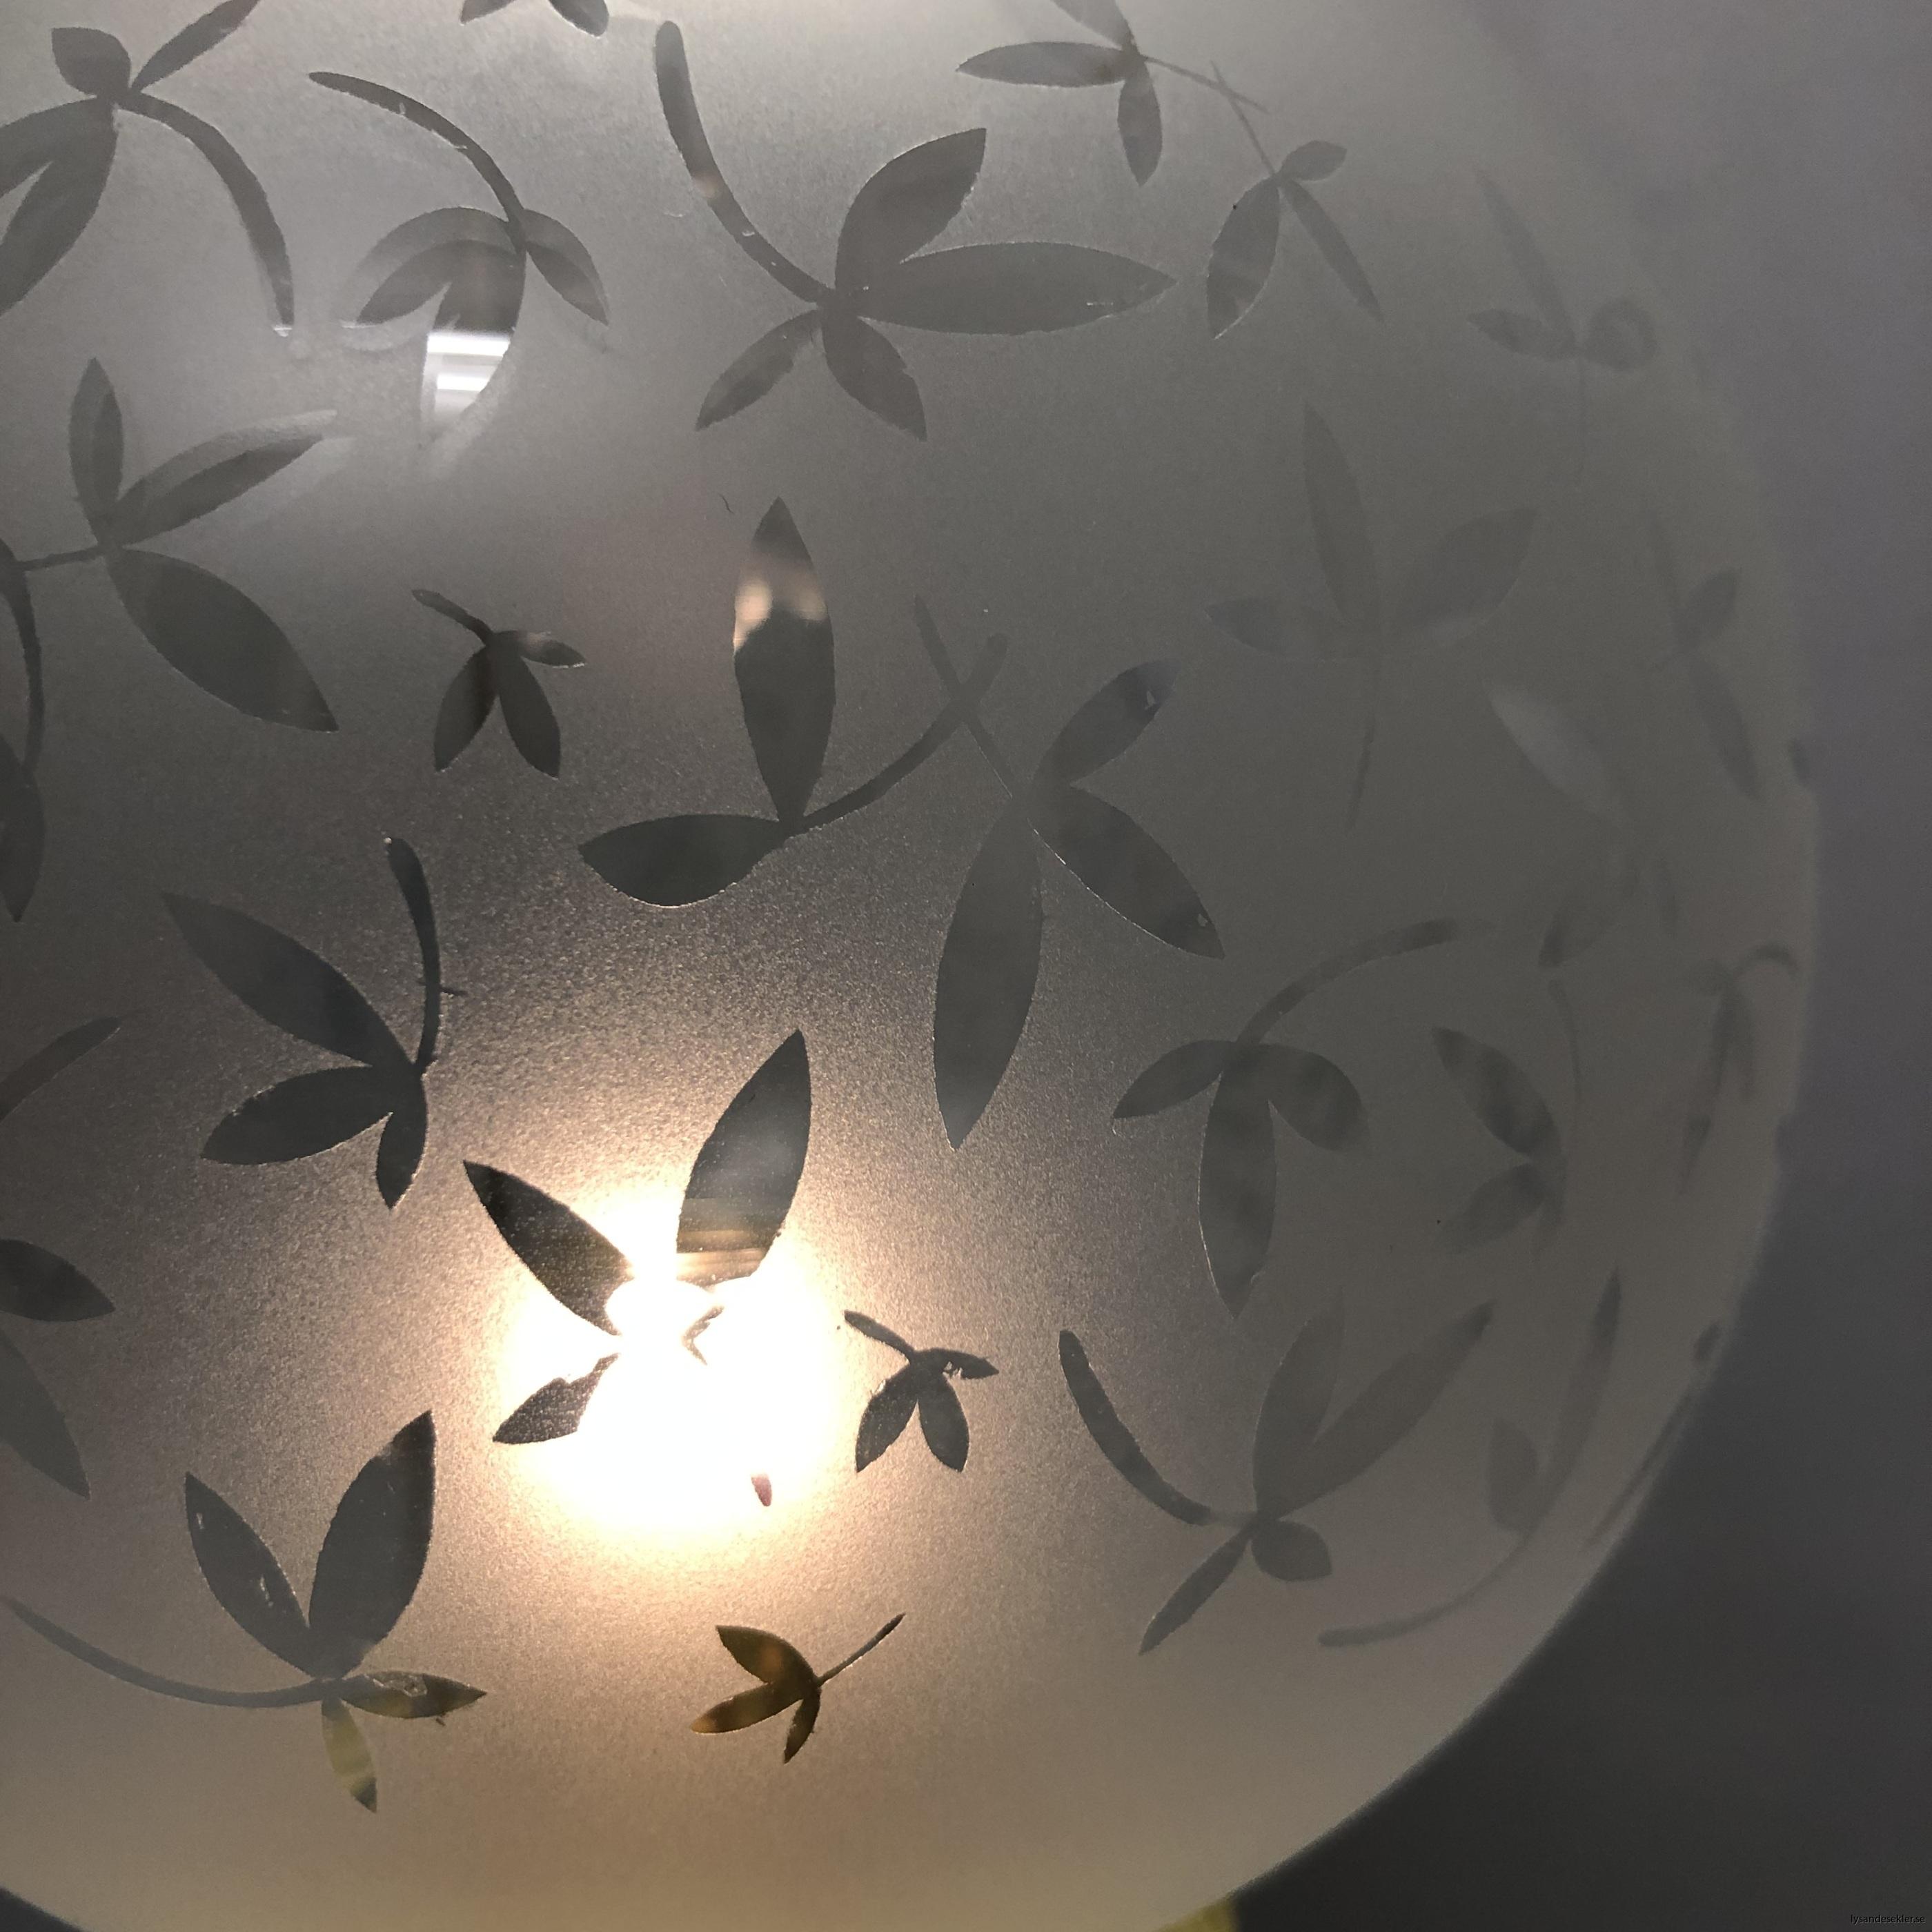 klotkupa liten frostad ornamenterad med blad8